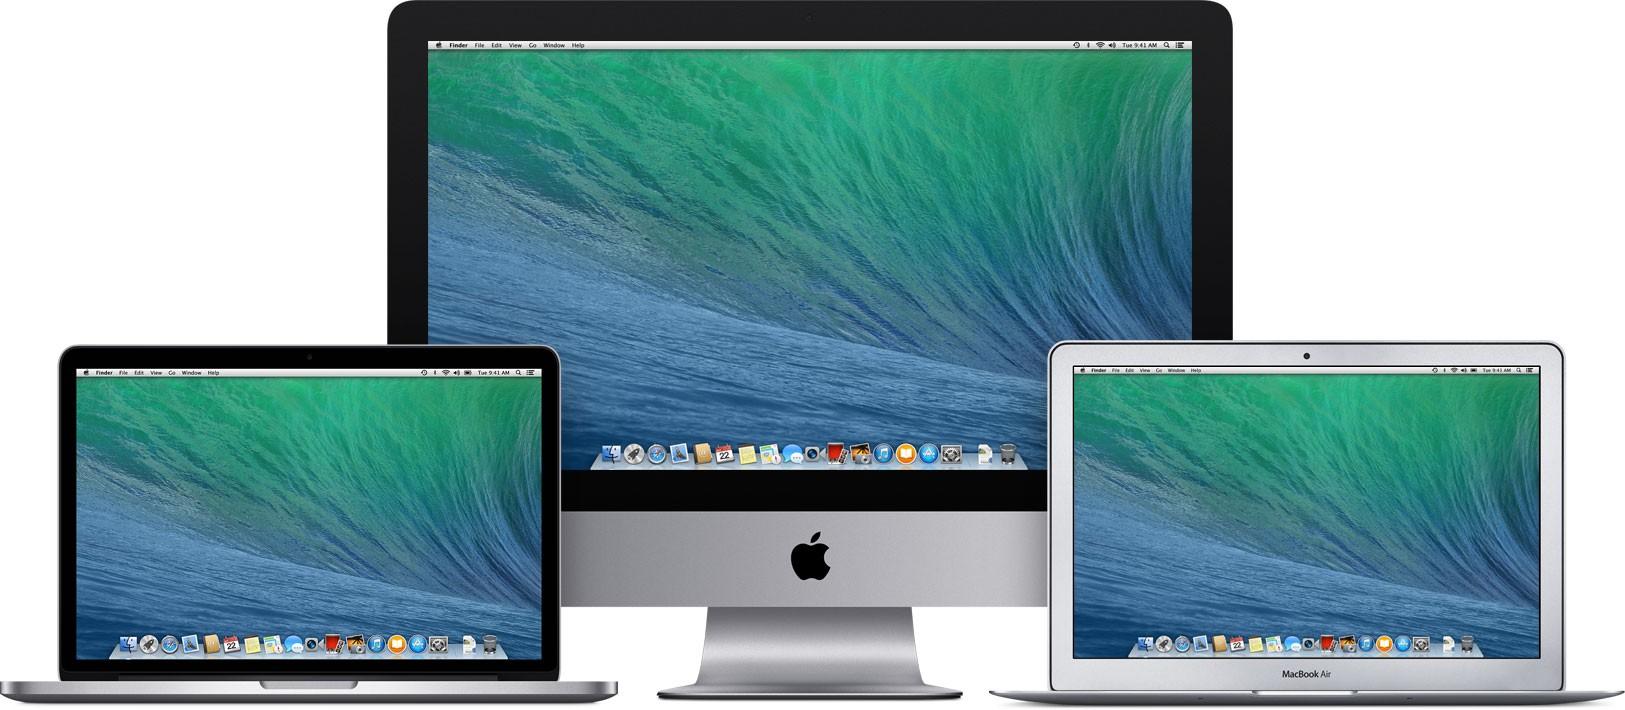 Ανοιχτή για όλους η πρόσβαση σε beta εκδόσεις του OS X